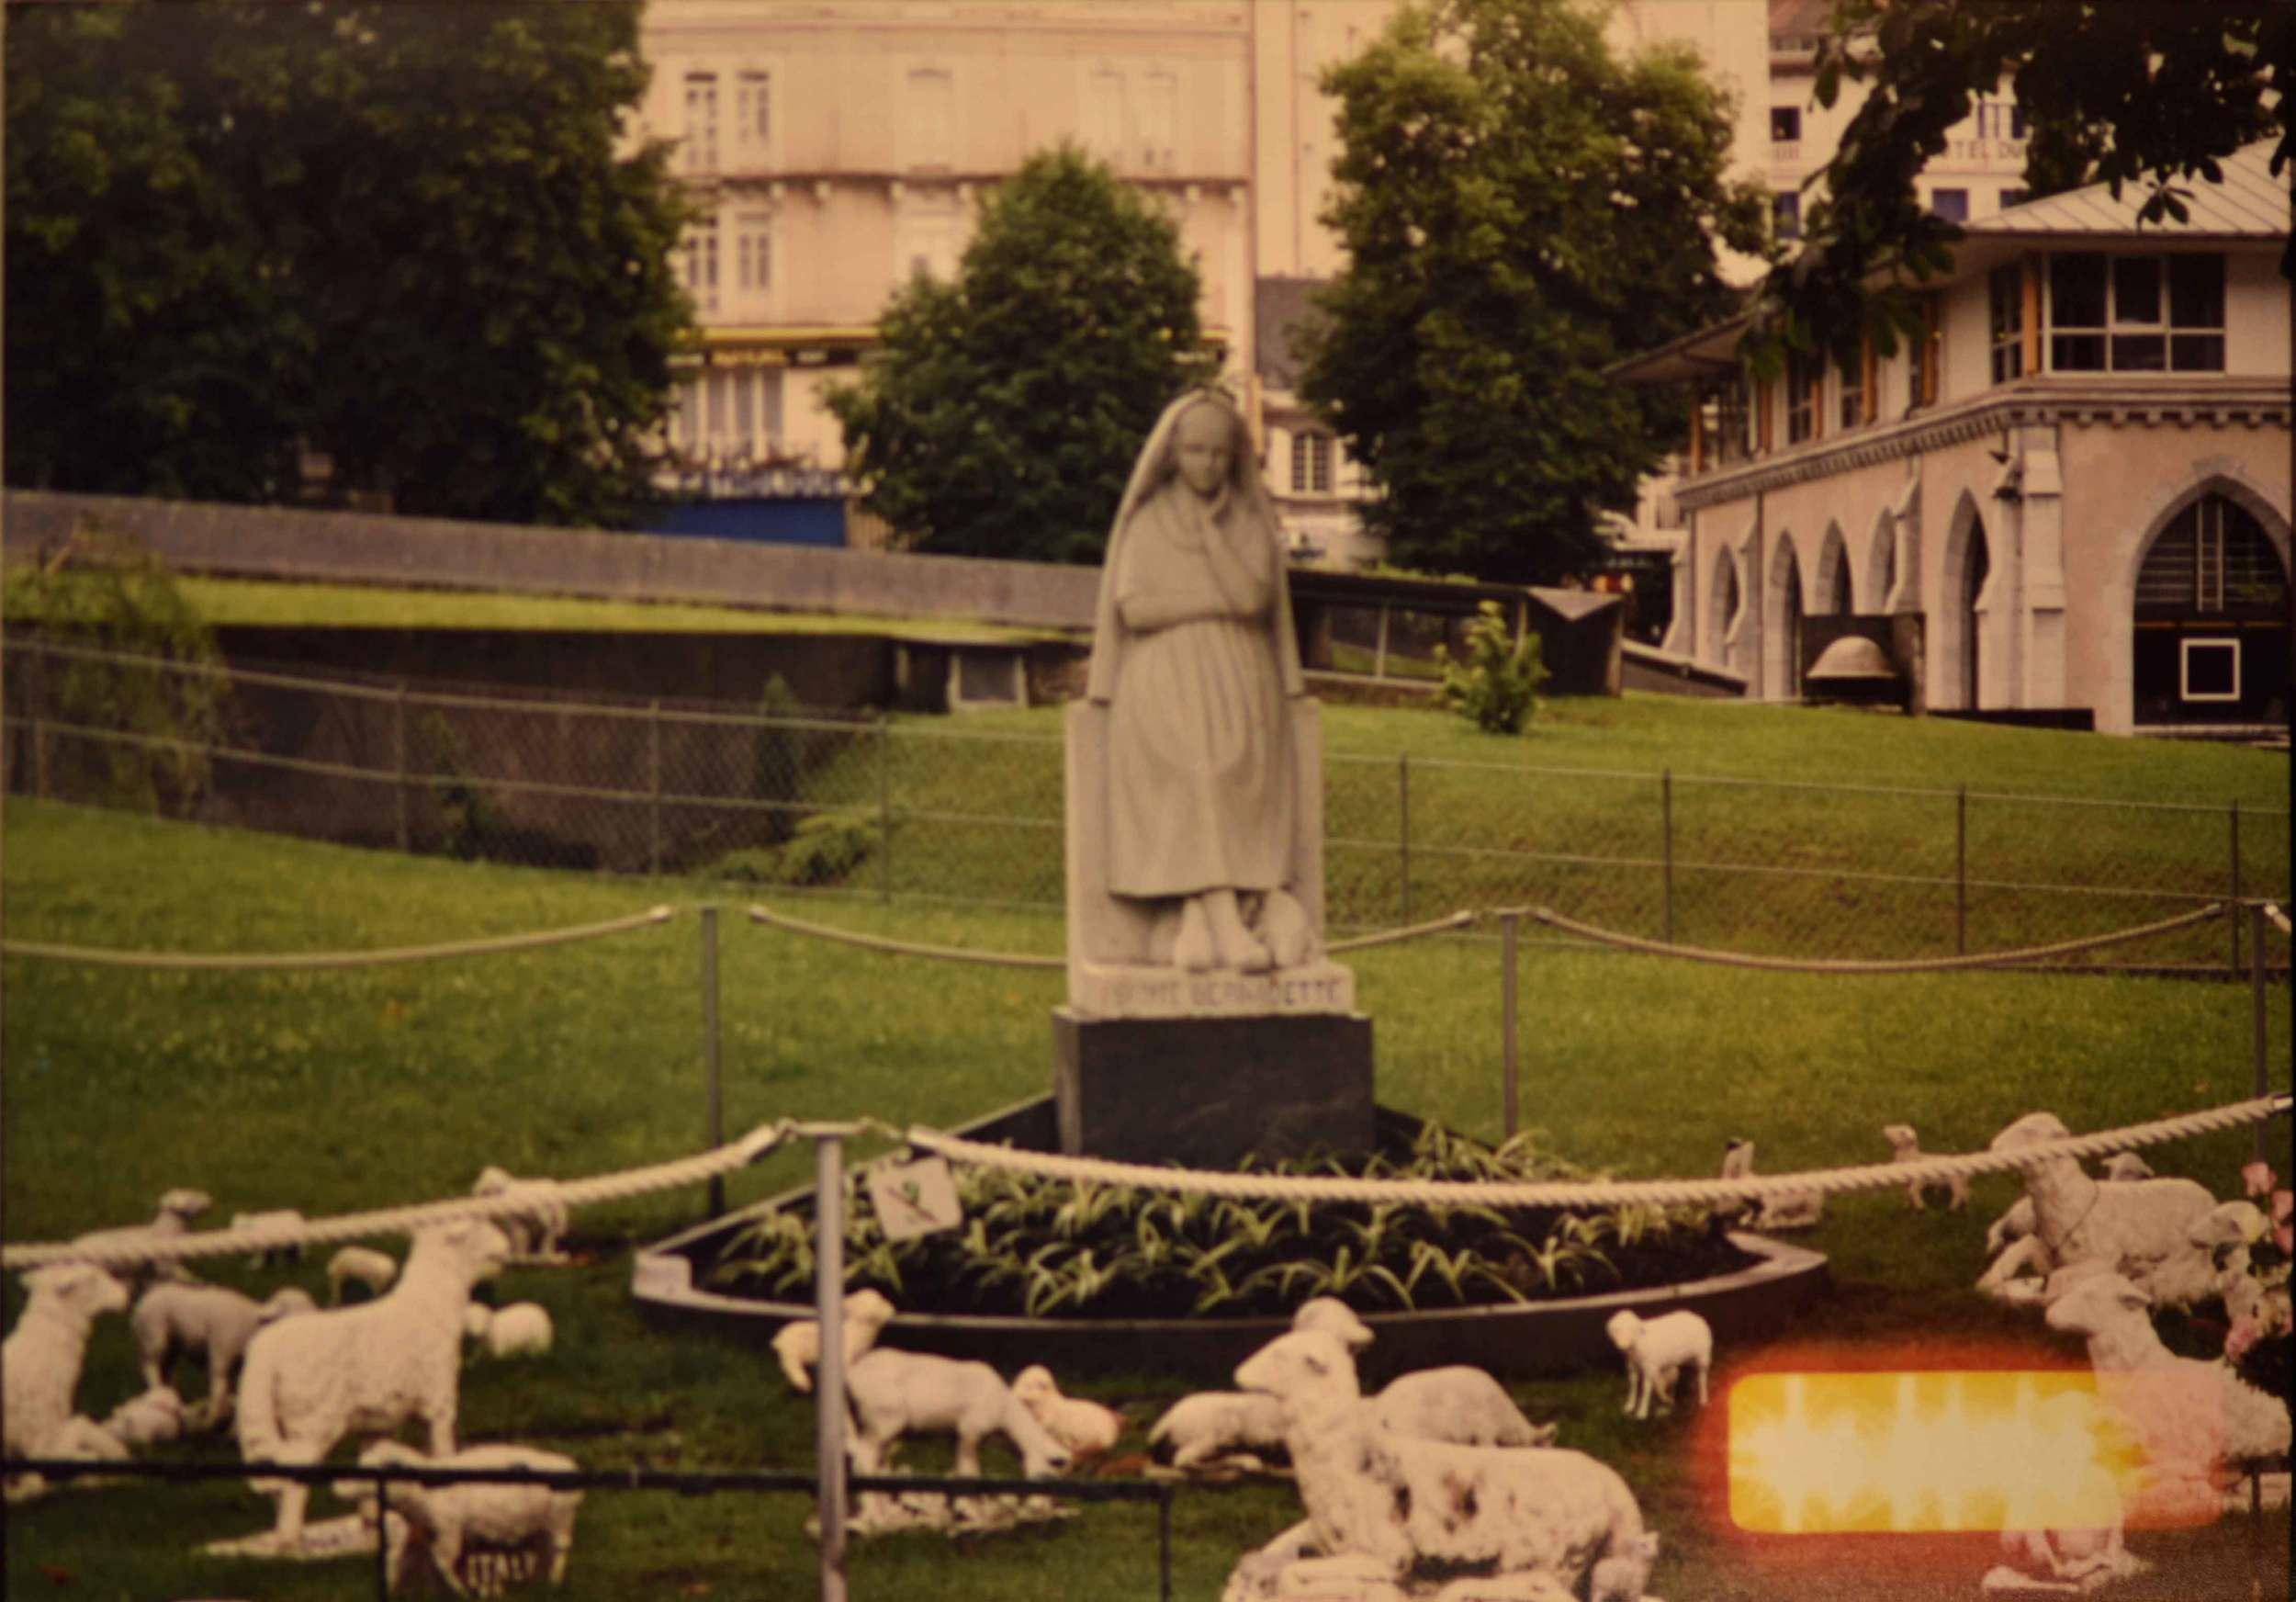 Lourdes Sanctuary, France.Image©sourcingstyle.com